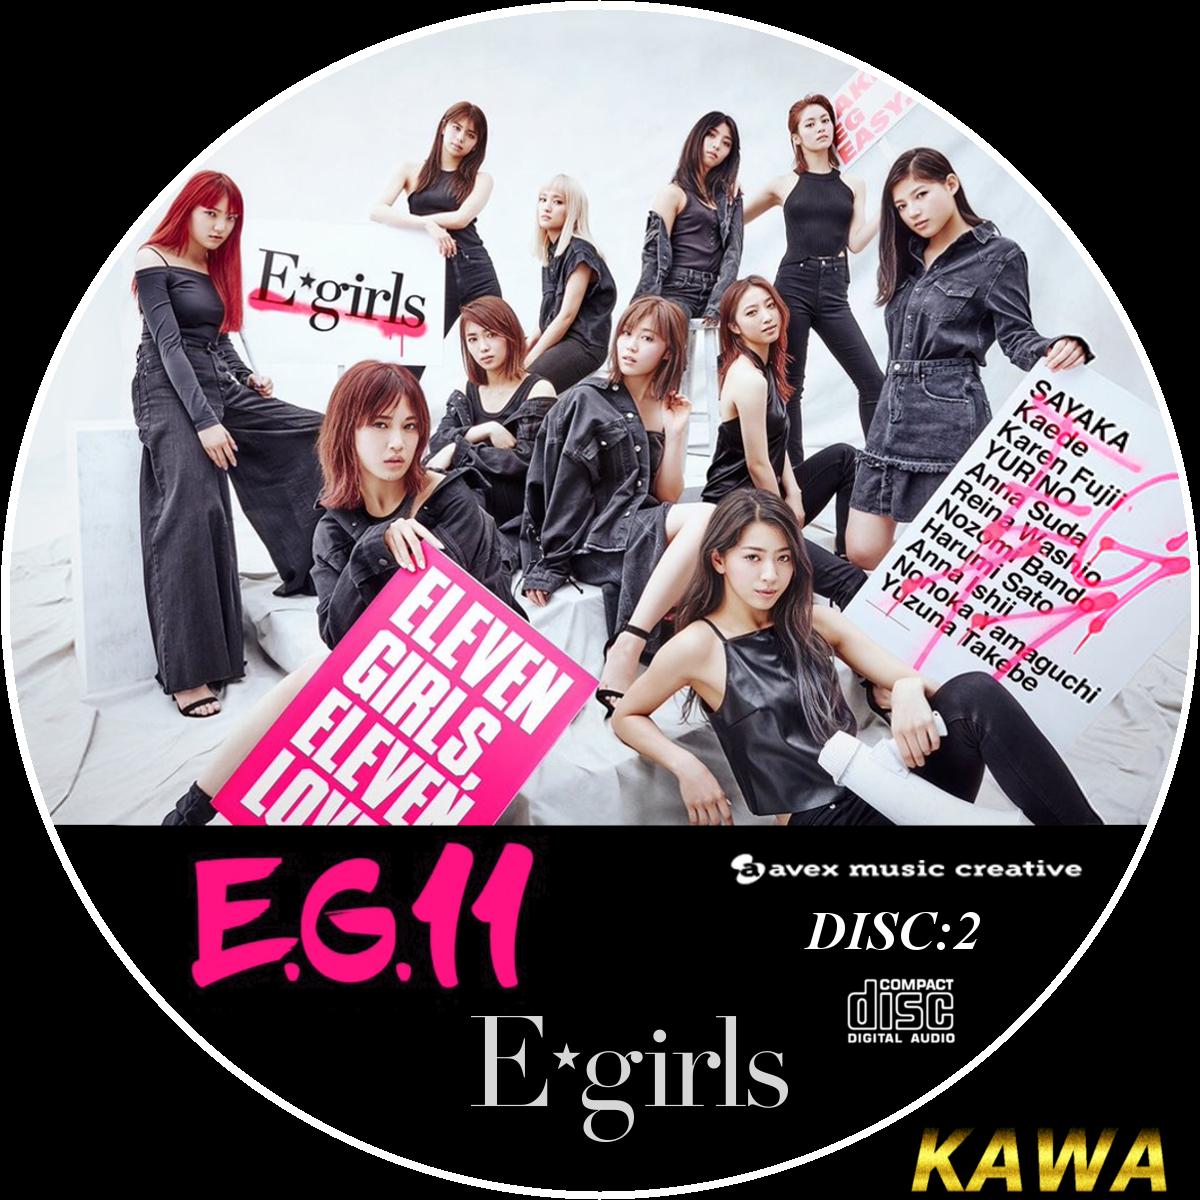 EG11cd2.jpg